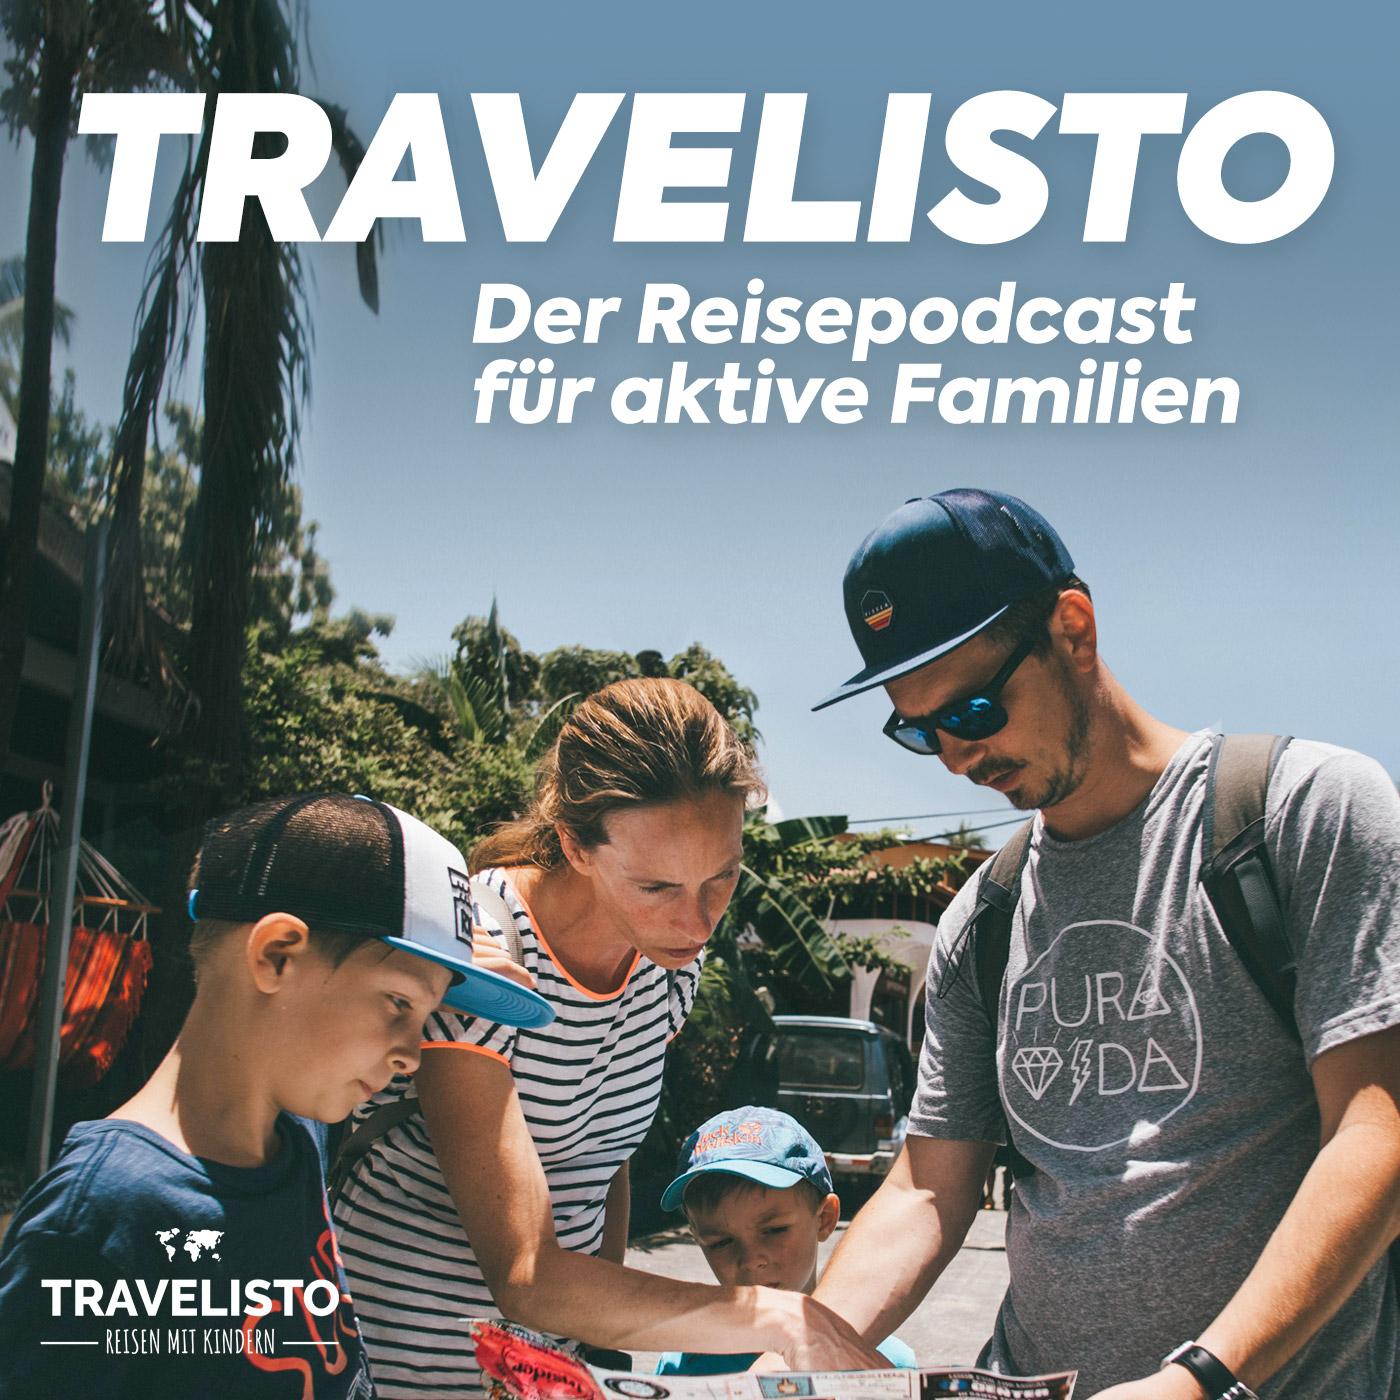 Travelisto - Der Reise-Podcast für aktive Familien